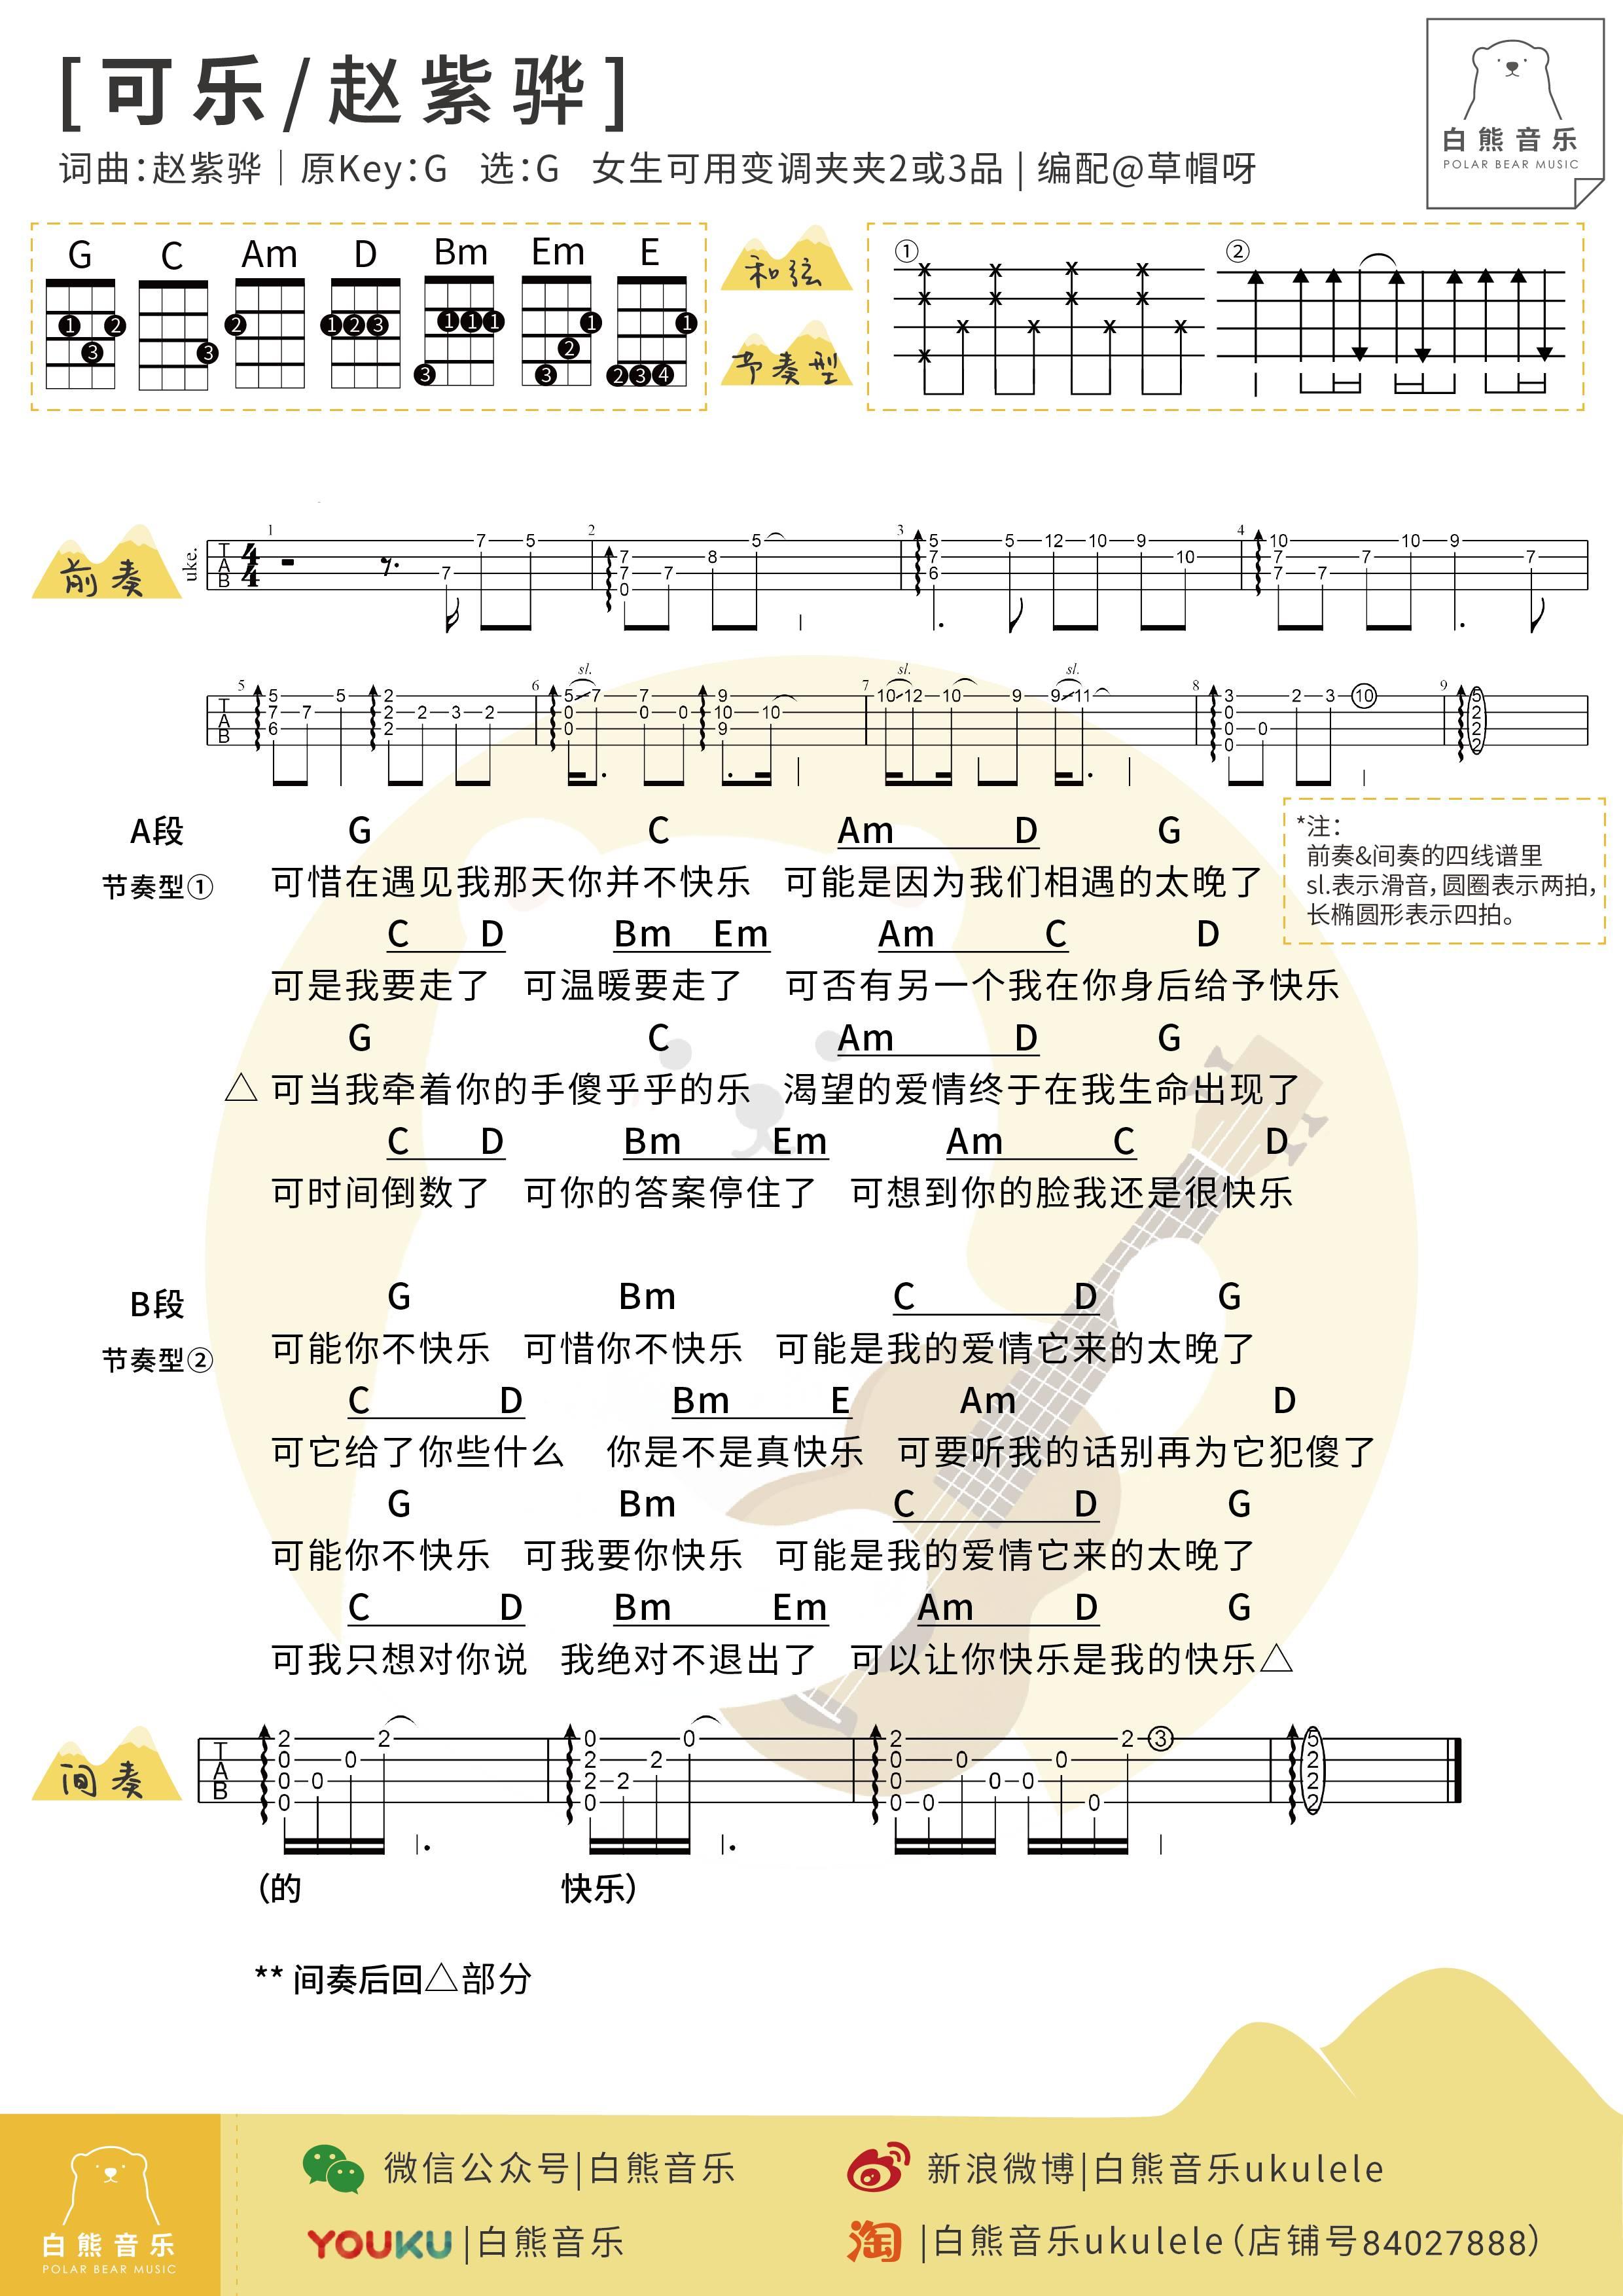 〈可乐〉赵紫骅/ 尤克里里歌谱